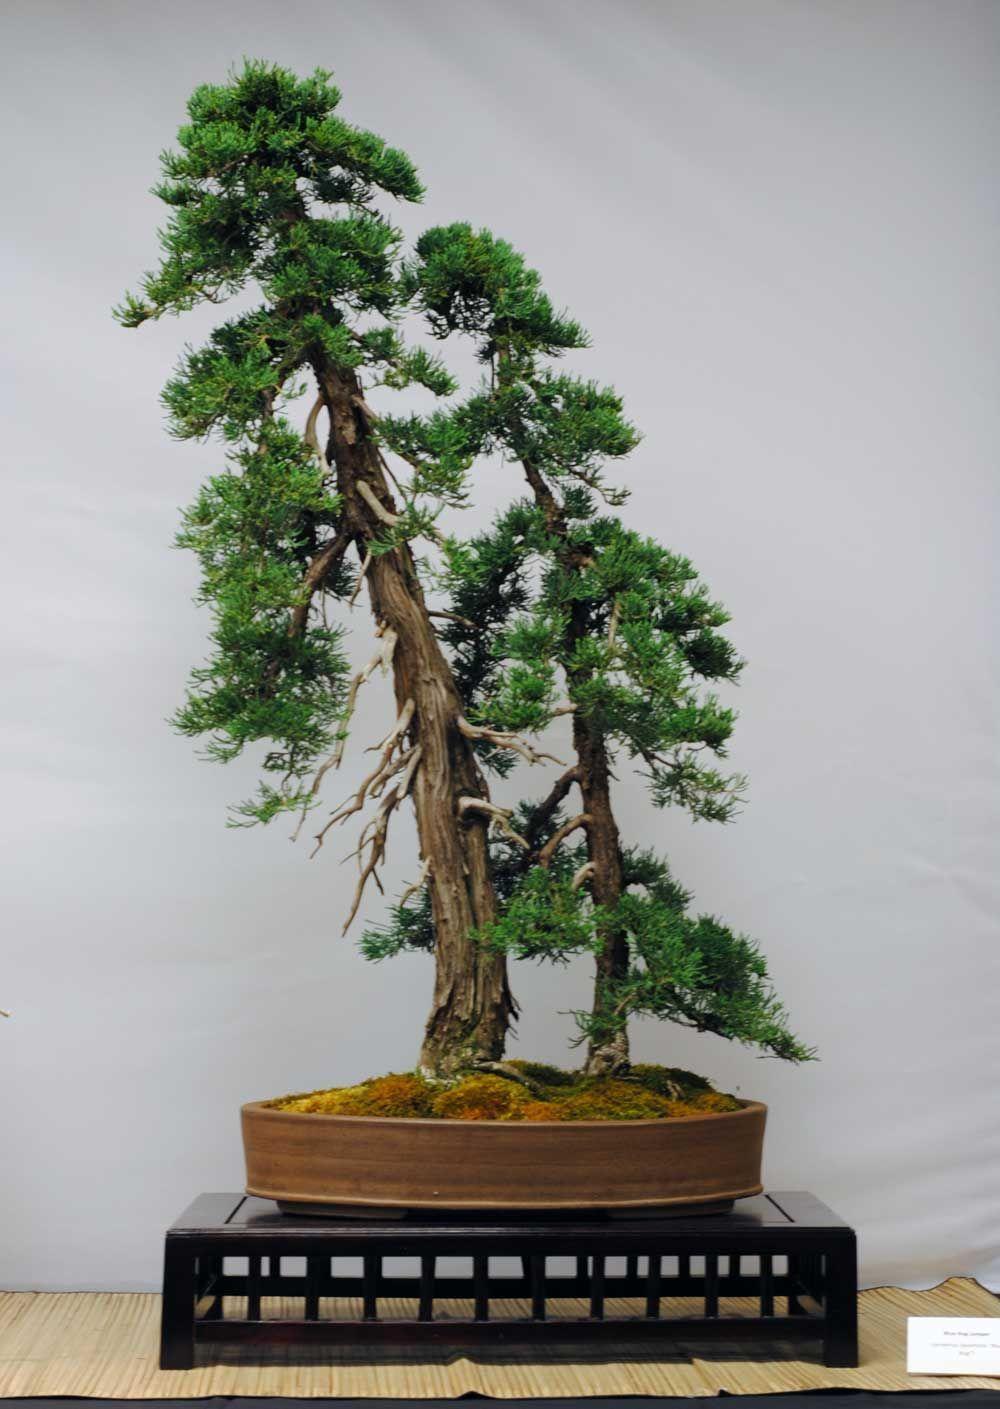 Twin Conifer Bonsai Very Nice Bonsai Tree Types Bonsai Bonsai Art